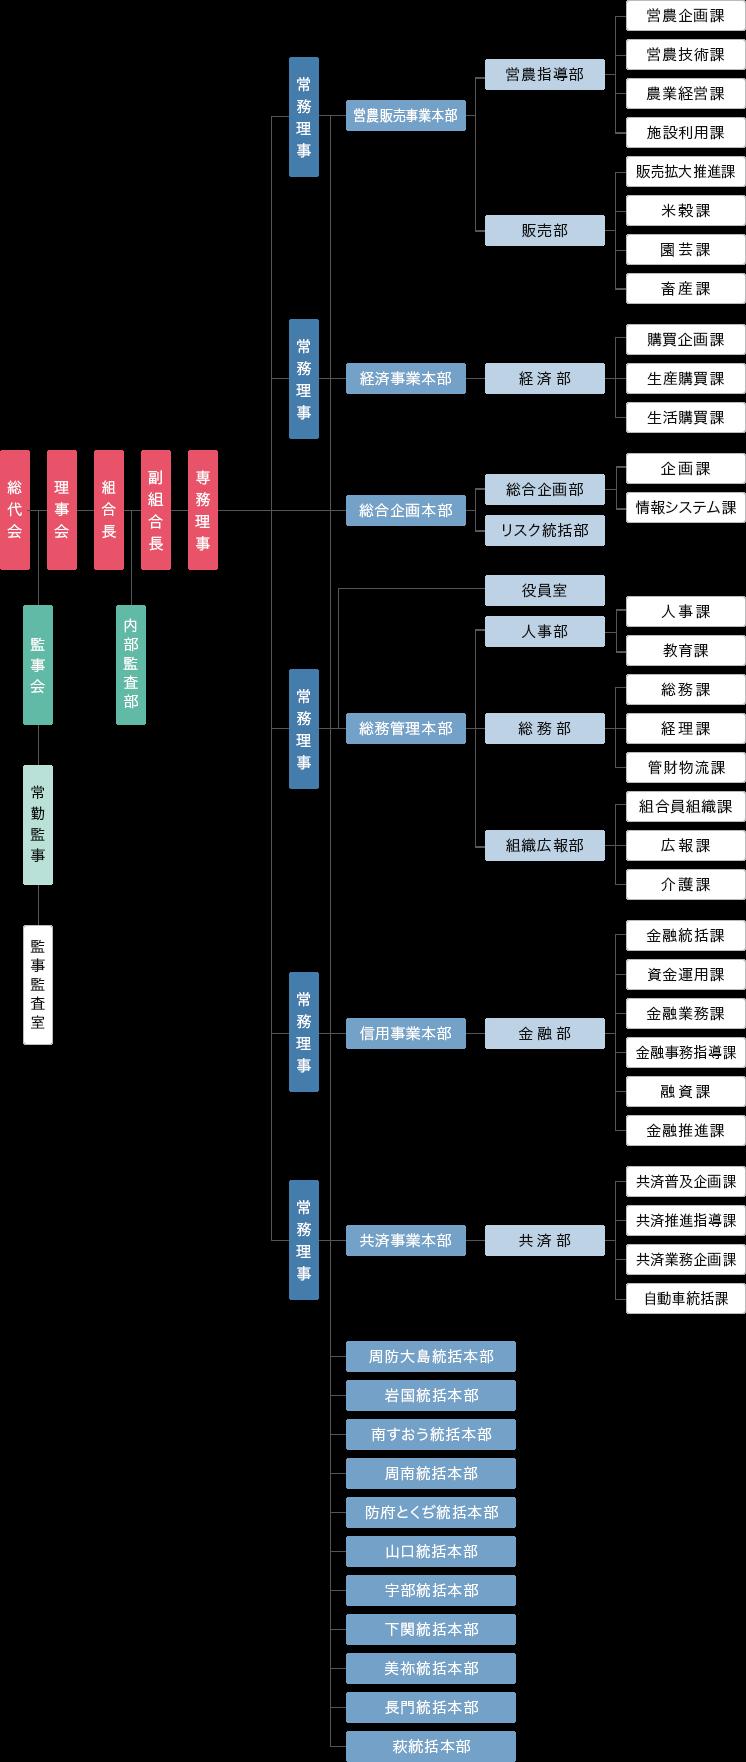 画像:組織ツリー図